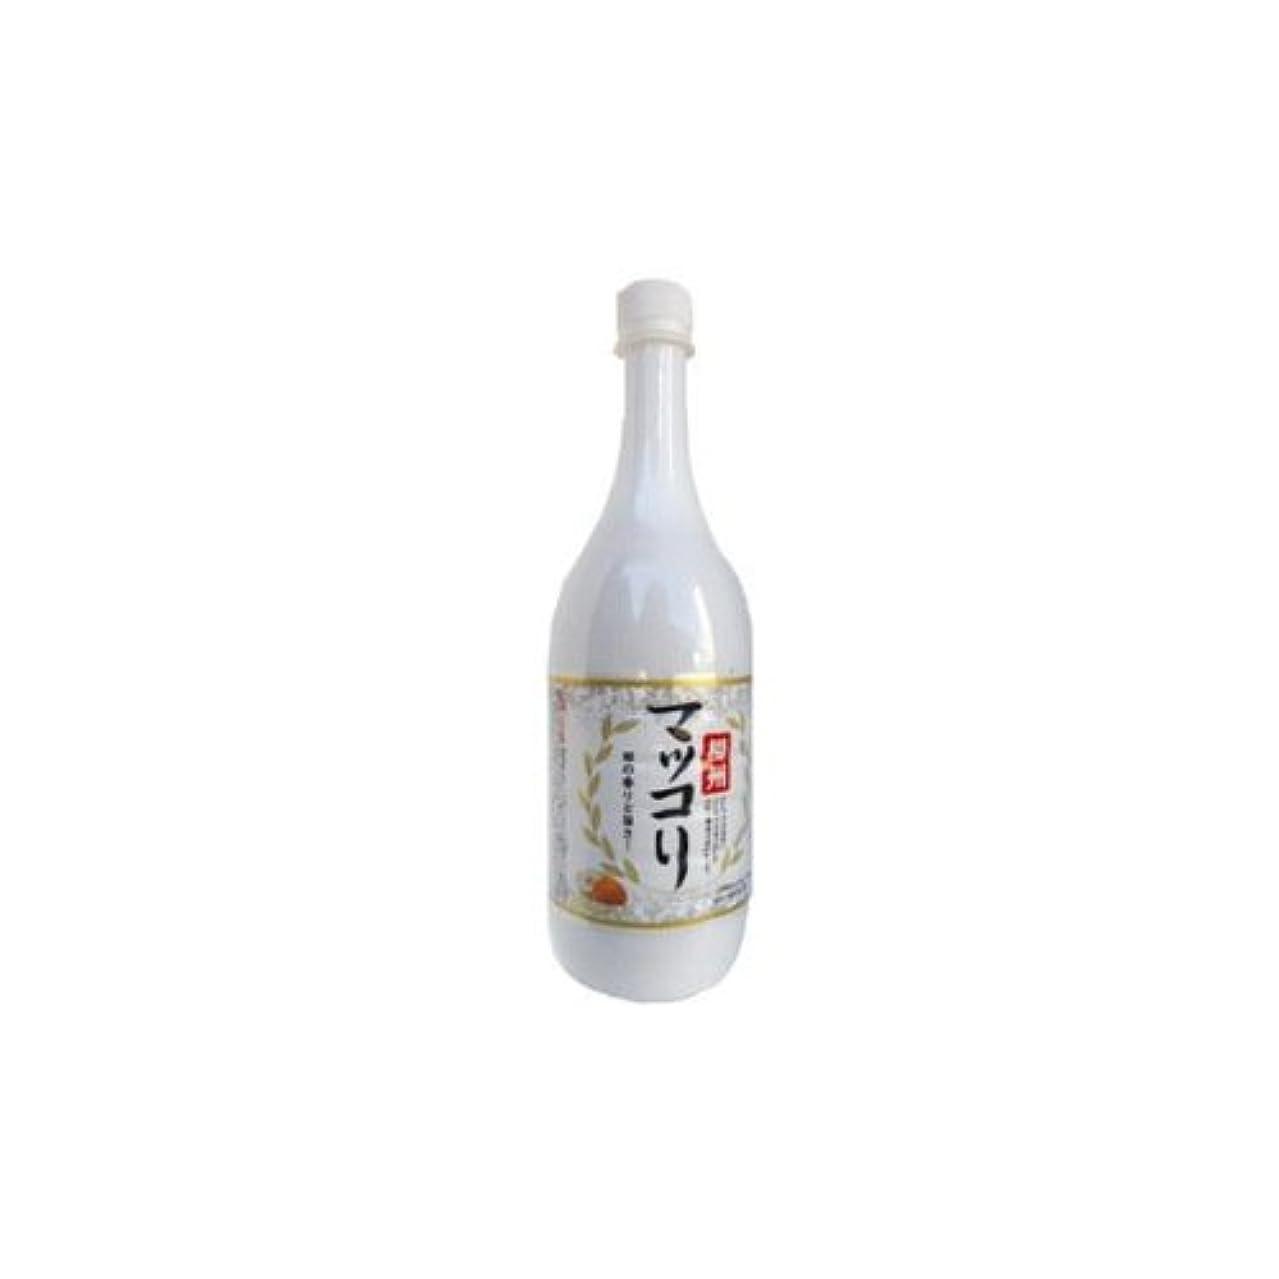 消毒する果てしない売り手楊州梨マッコリ ペット1000ml